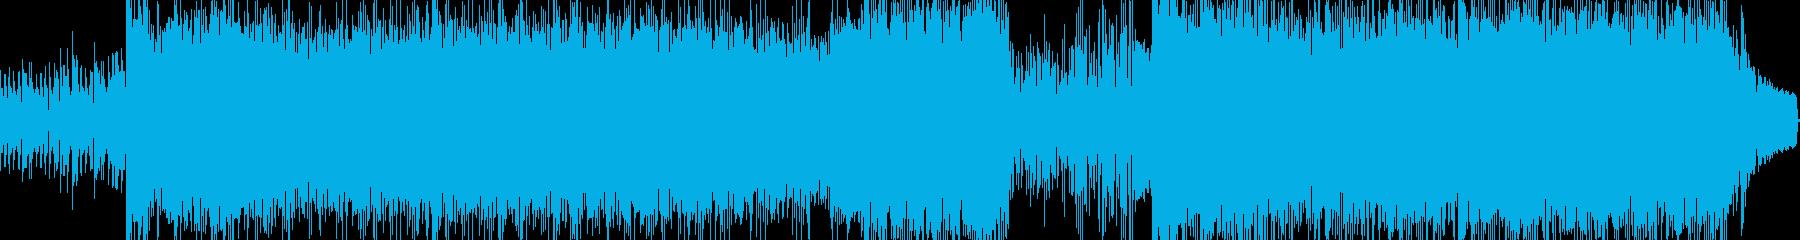 速いテンポのドラムンベースの再生済みの波形